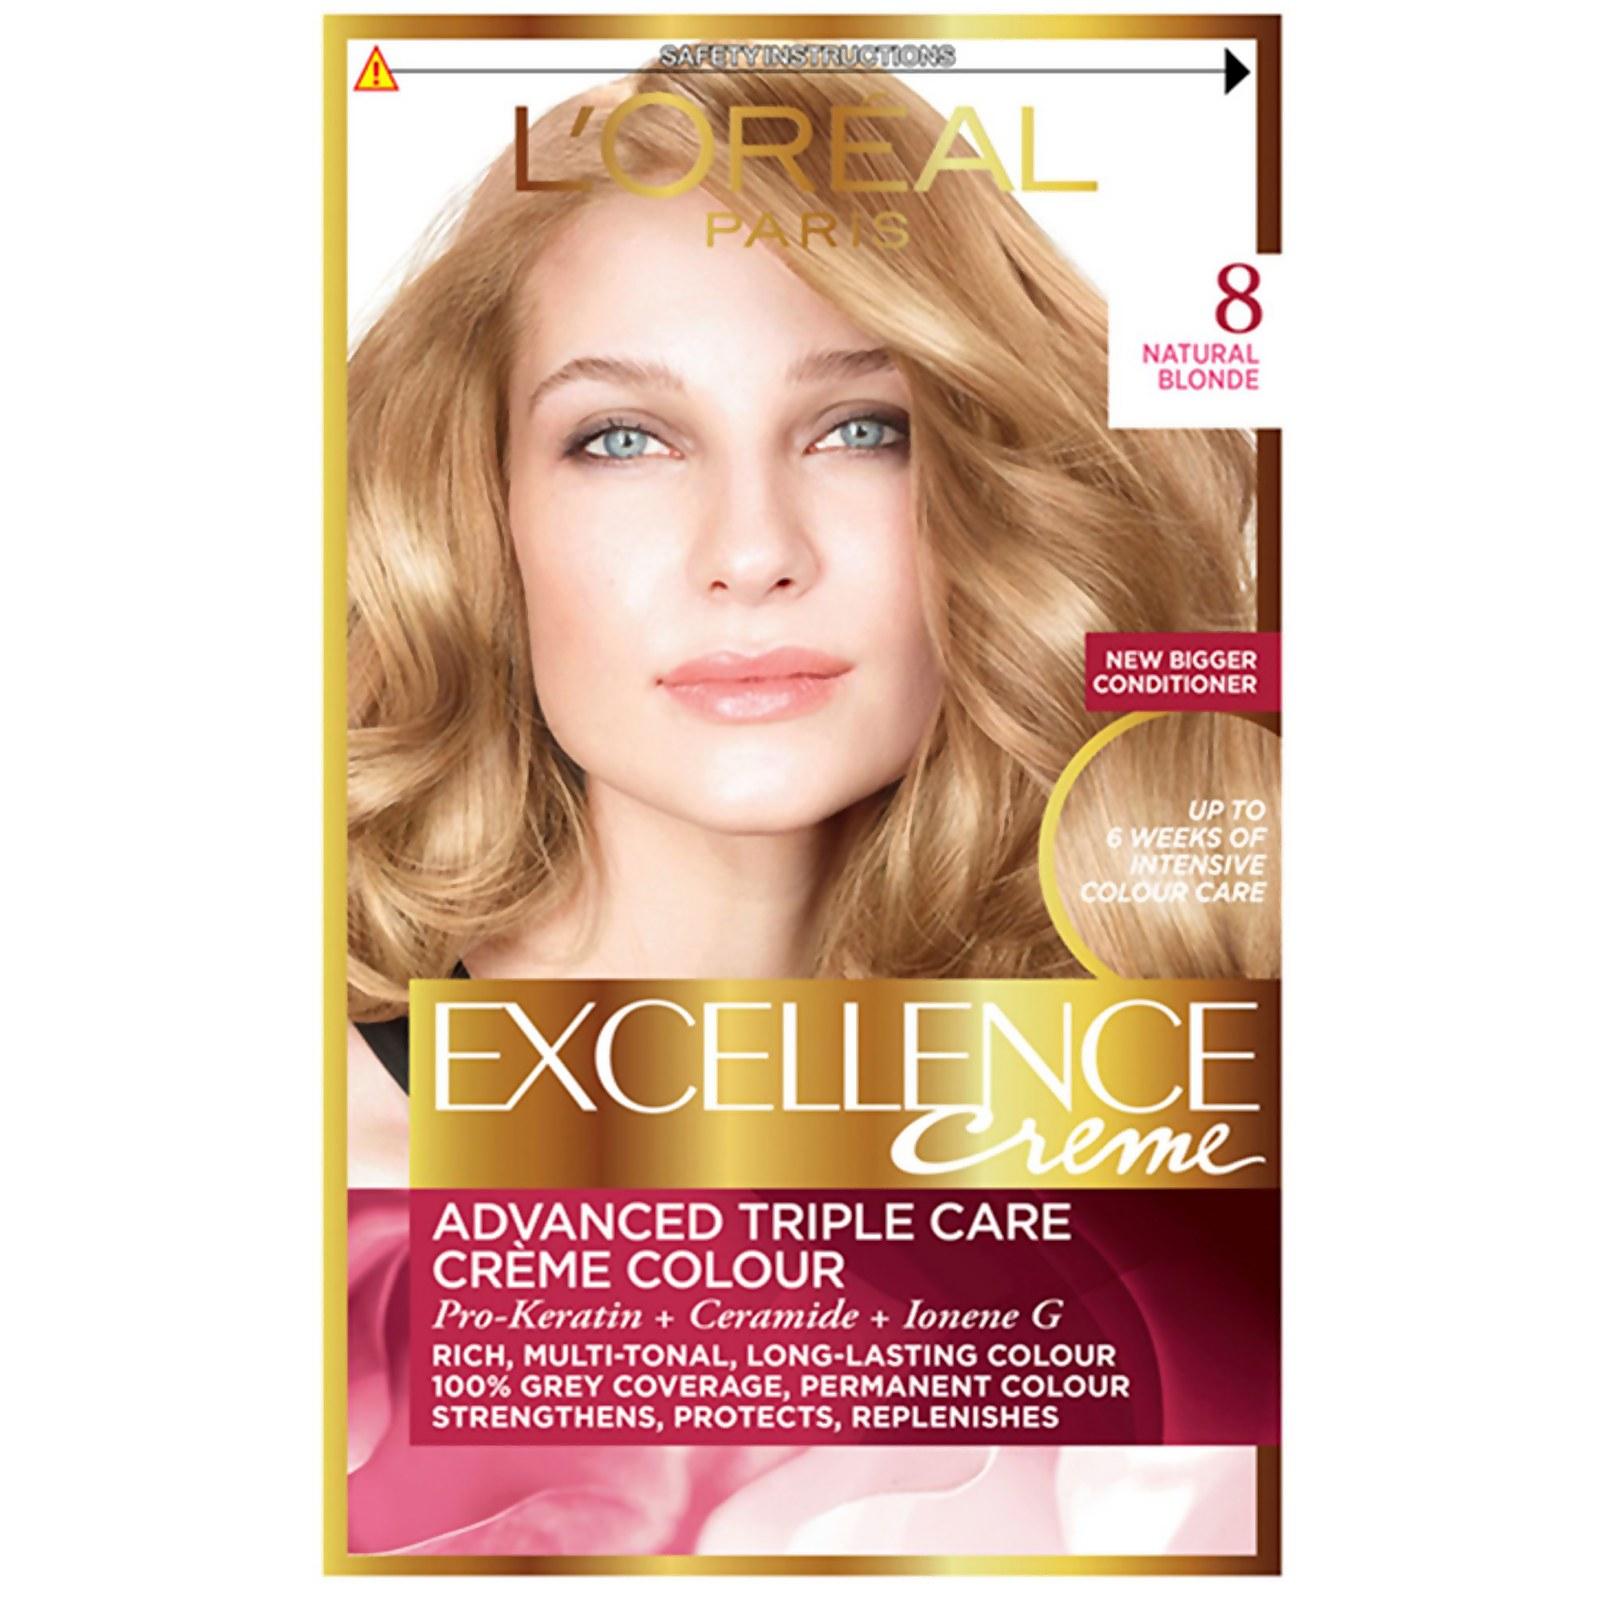 L'Oréal Paris Excellence Crème Permanent Hair Dye (Various Shades) - 8 Natural Blonde